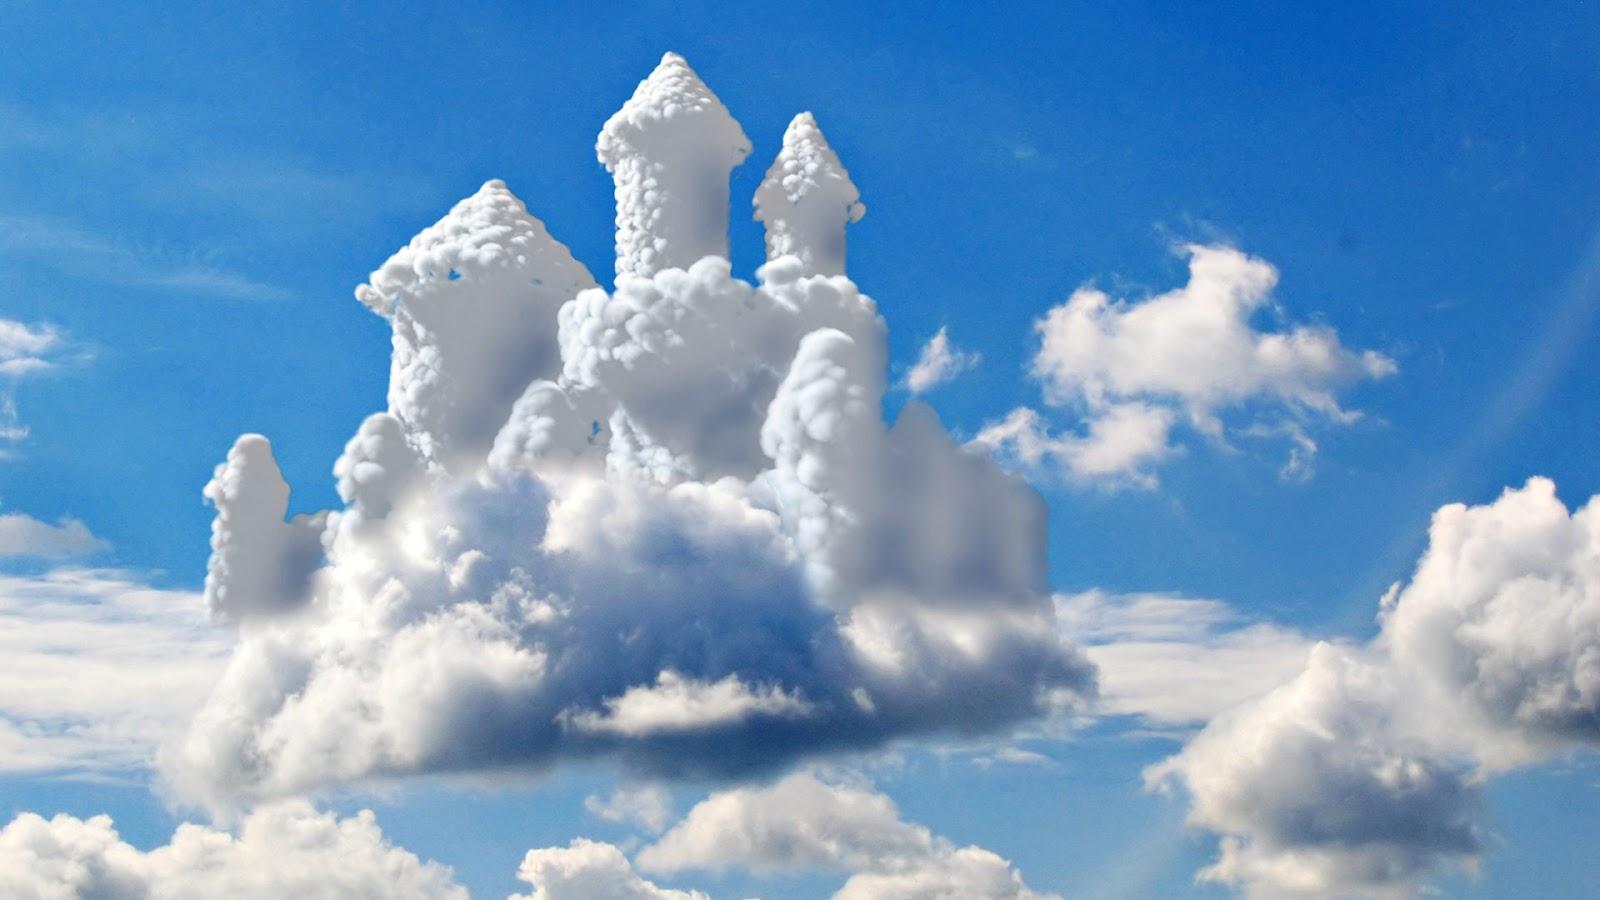 Ảnh mây hình lâu đài